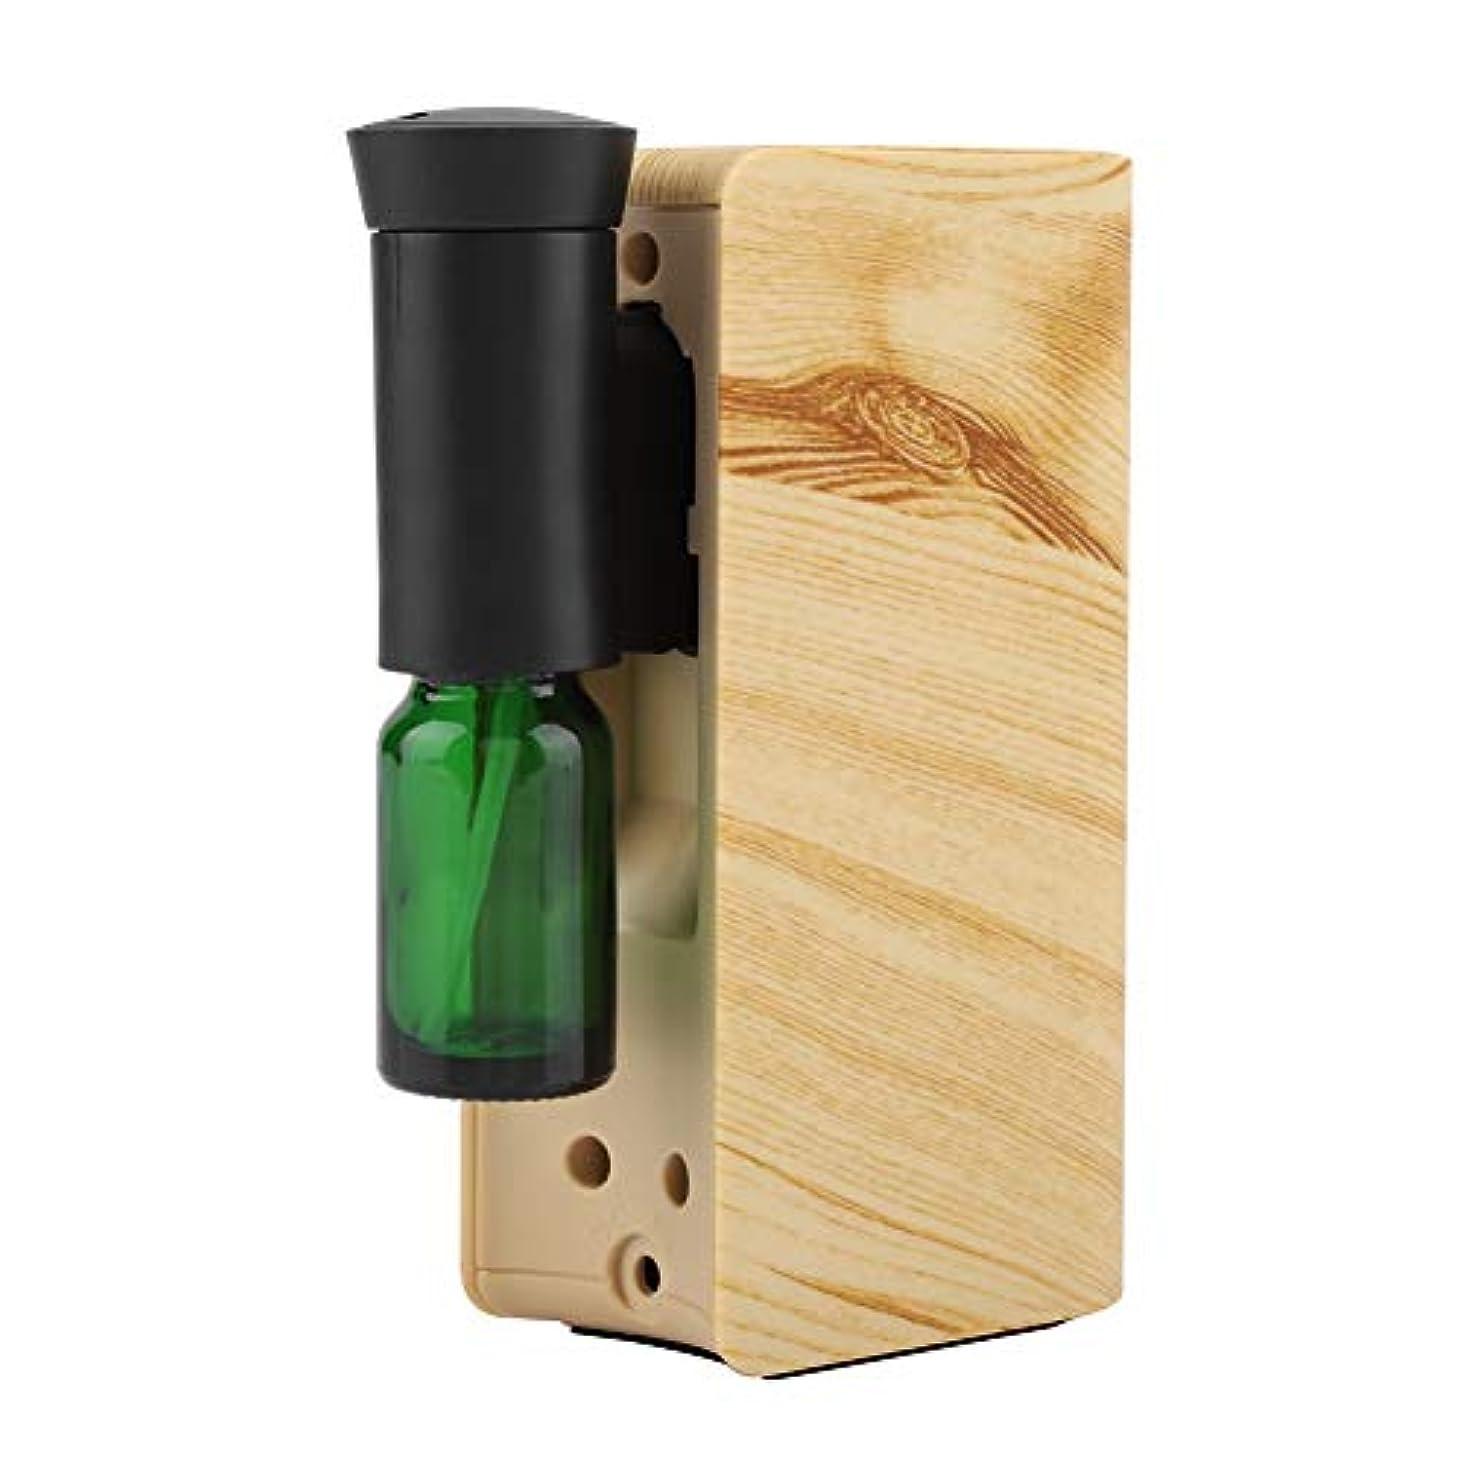 爵不適当つま先エッセンシャルオイルディフューザー、100ml USB充電式クールミスト加湿器アロマオイル加湿器気化器アロマディフューザー(木材)